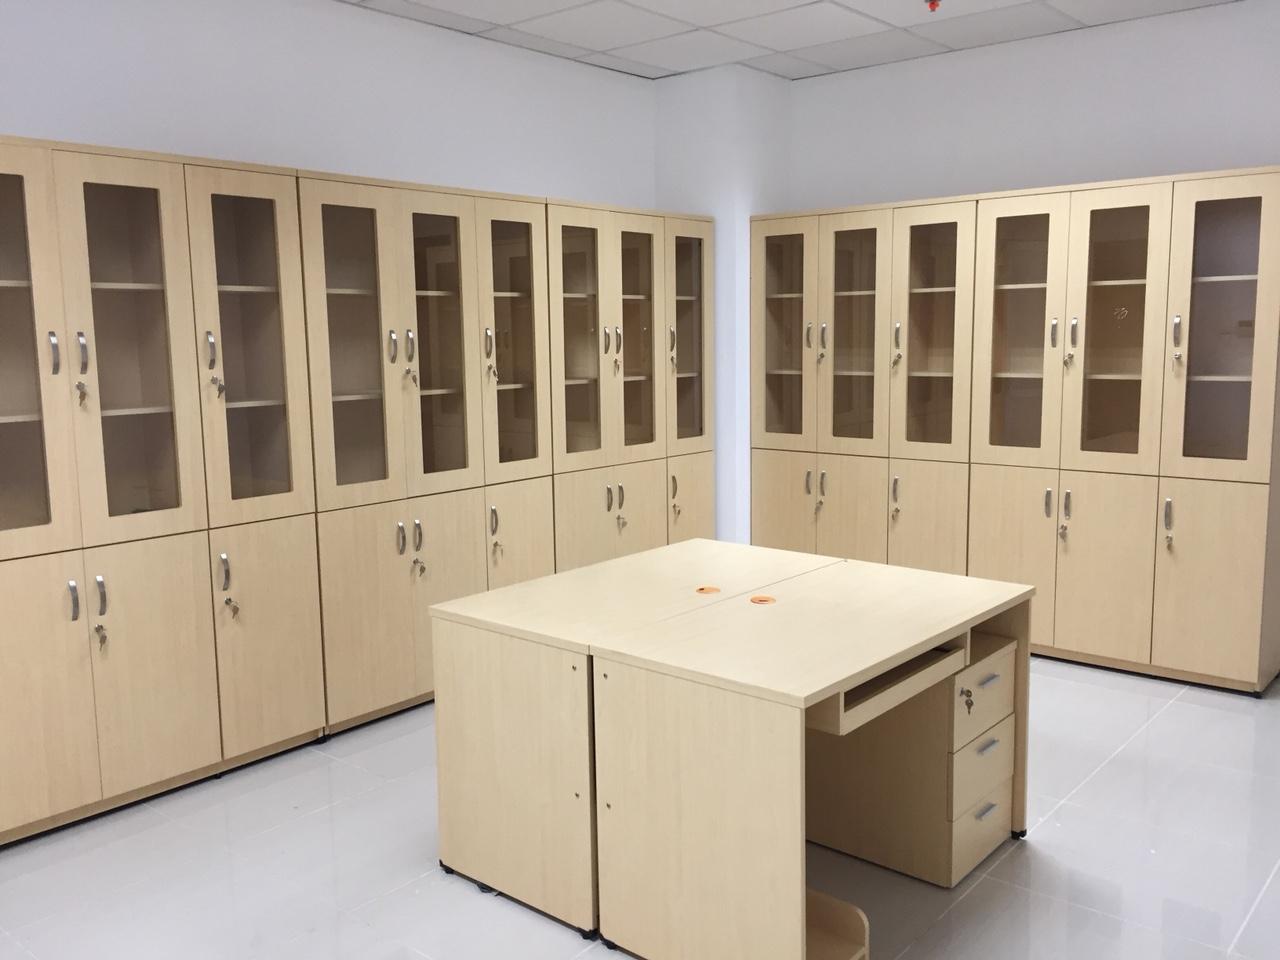 tủ, kệ hồ sơ gỗ công nghiệp bán sẵn